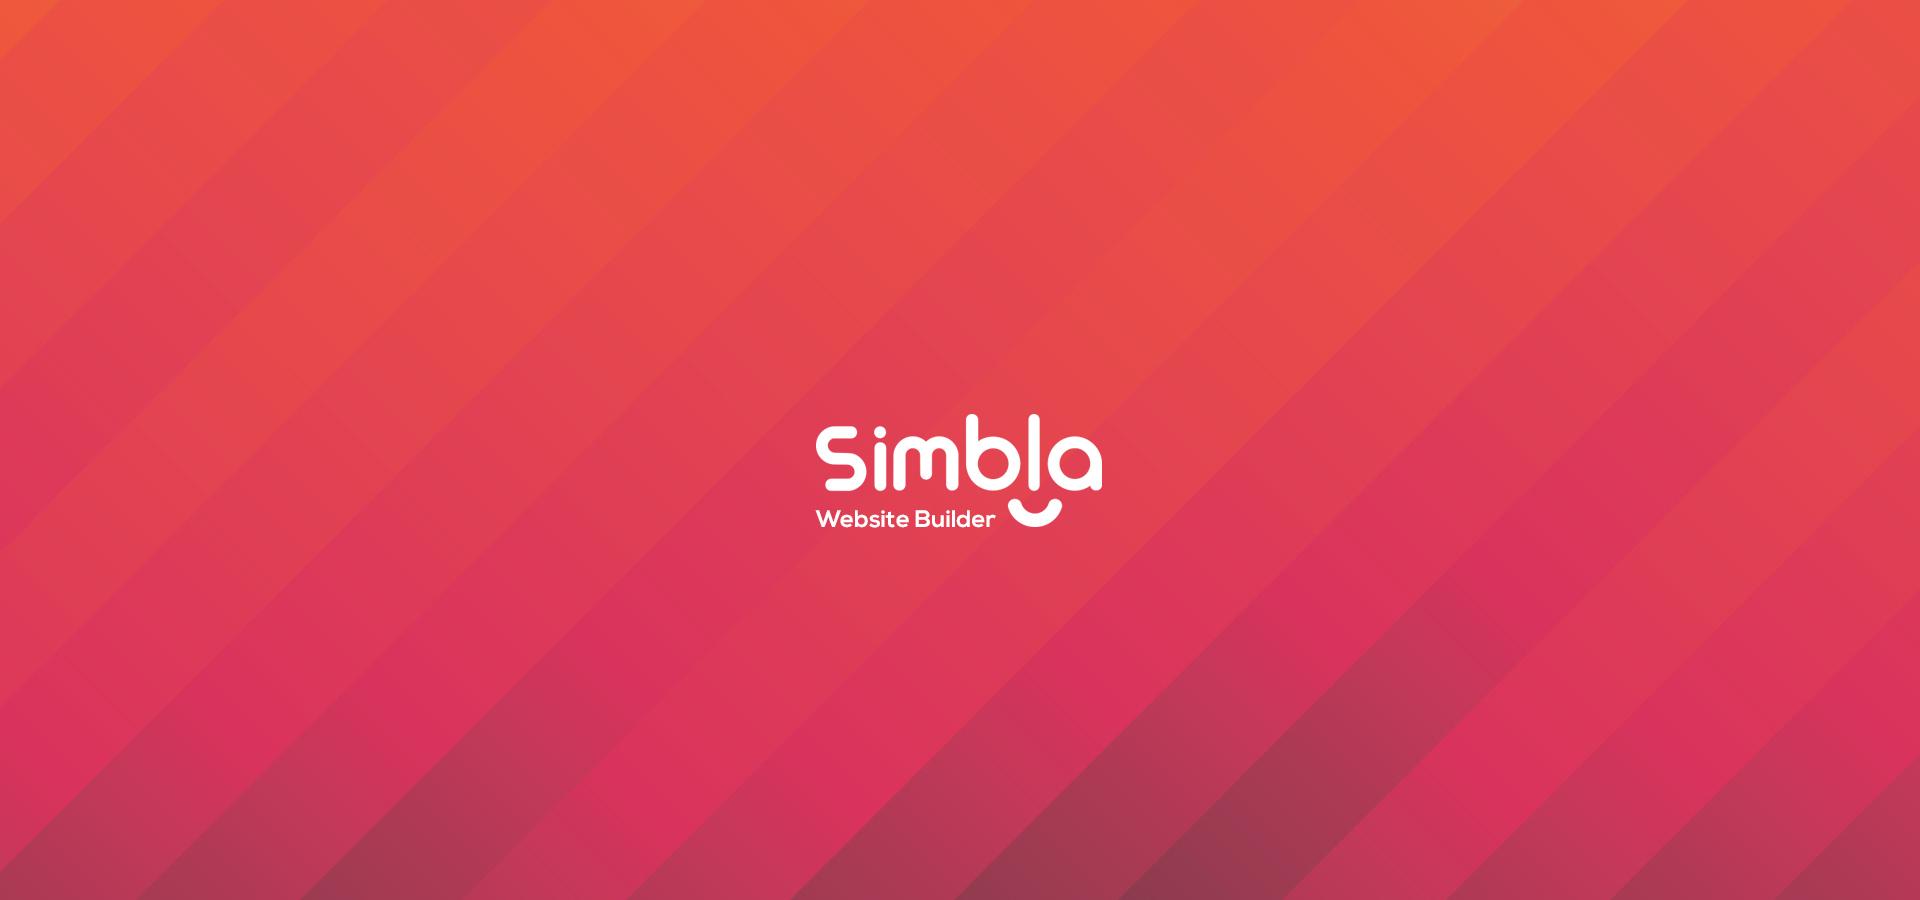 Simbla.com